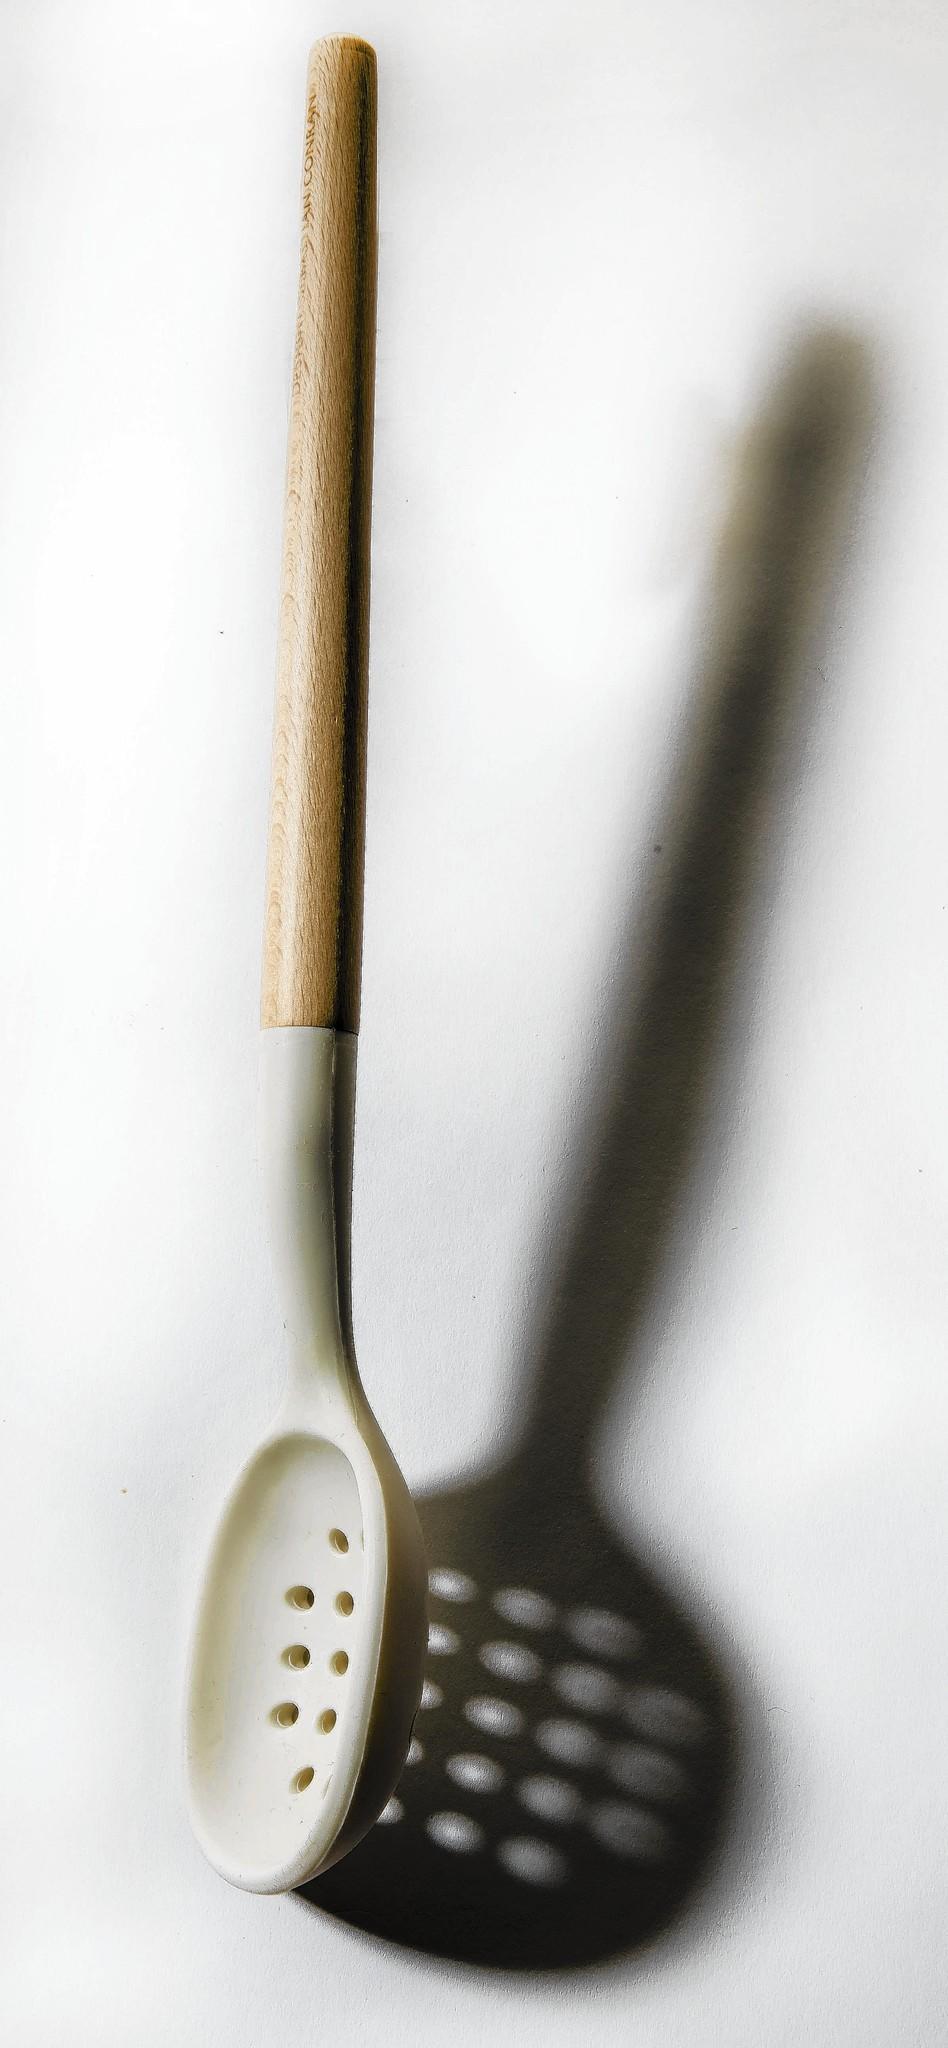 Silicone Slotted Spoon by British designer Sebastian Conran.